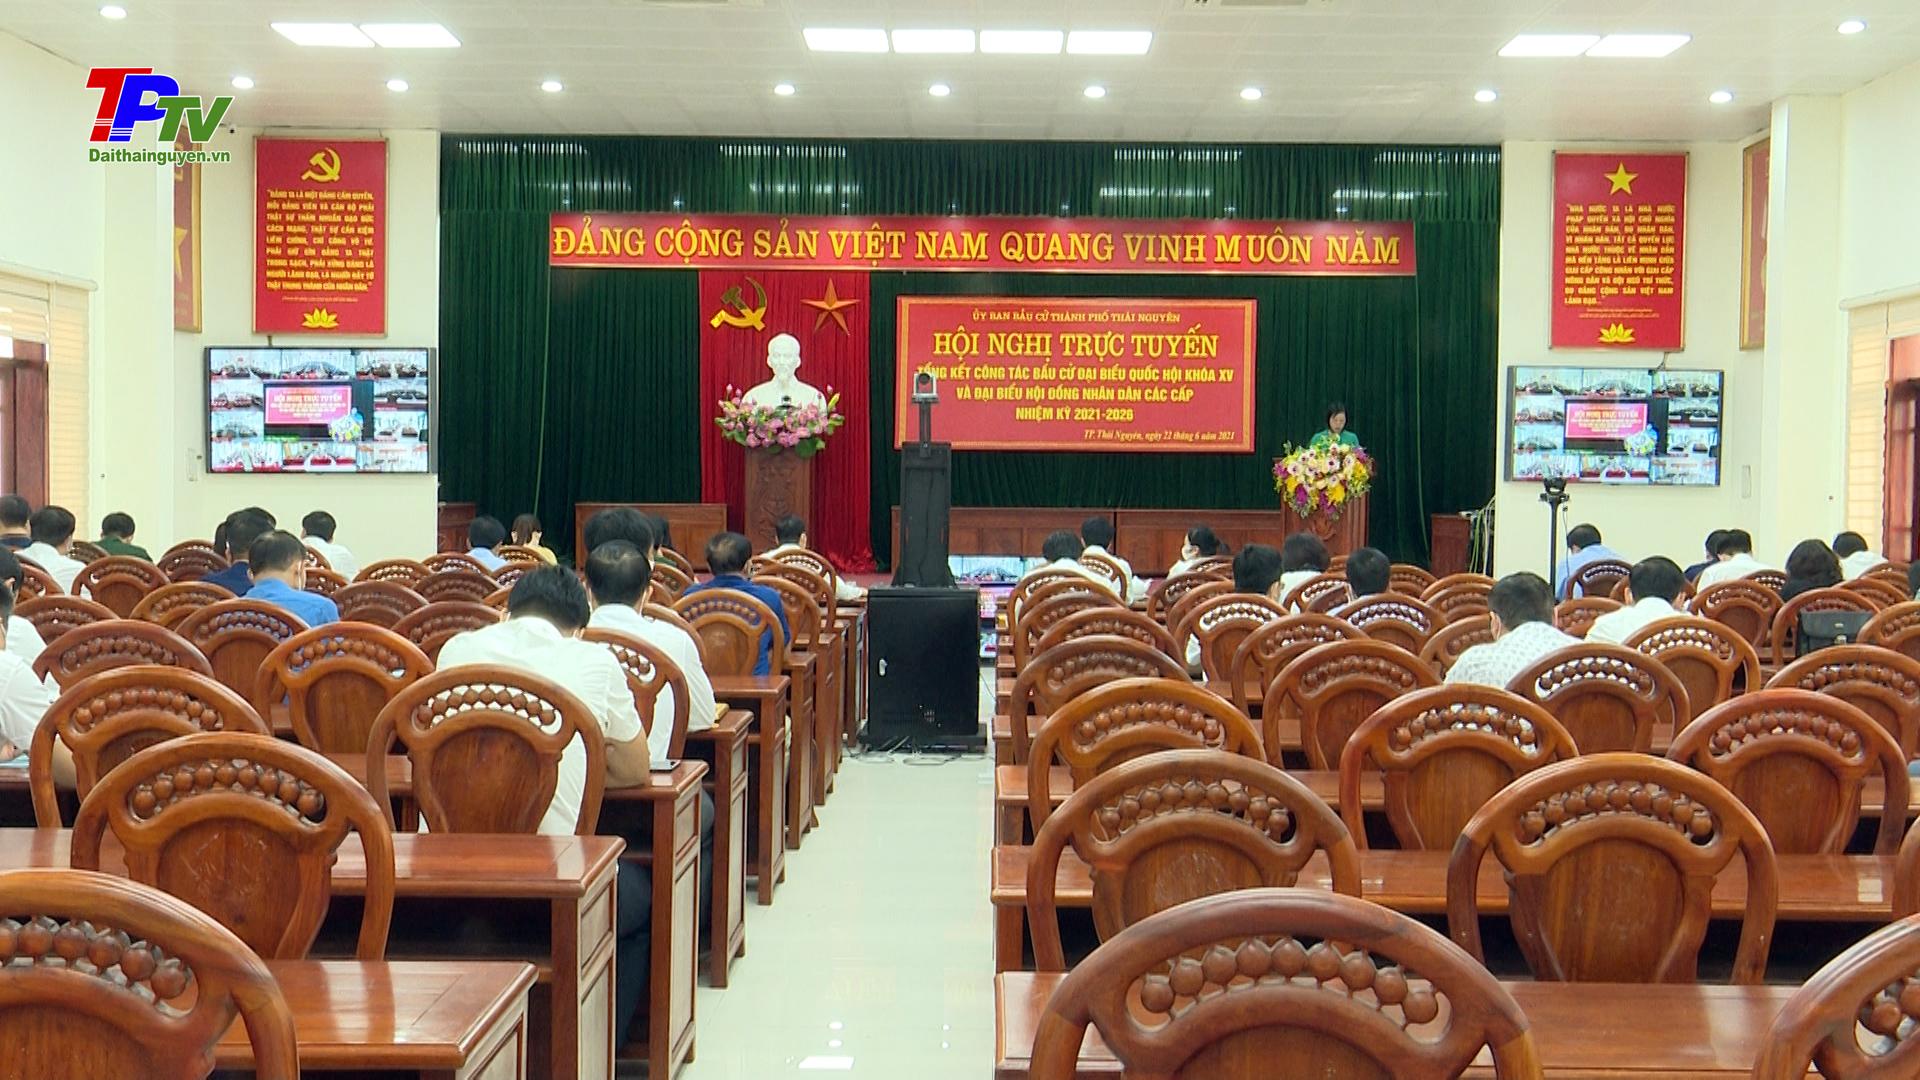 Thành phố Thái Nguyên tổng kết cuộc bầu cử đại biểu Quốc hội khóa 15 và bầu cử đại biểu HĐND các cấp nhiệm kỳ 2021 - 2026.